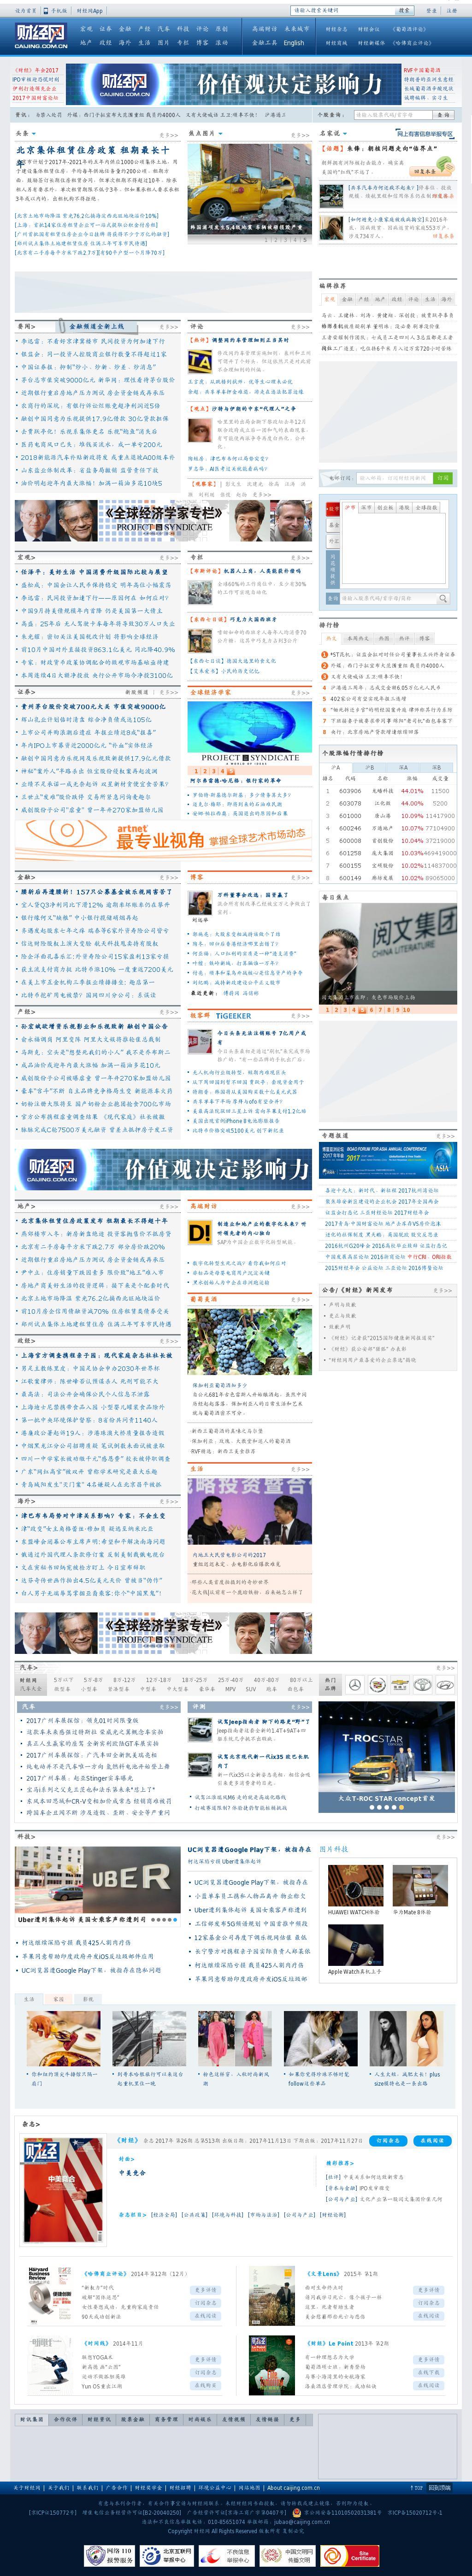 Caijing at Thursday Nov. 16, 2017, 3:02 p.m. UTC